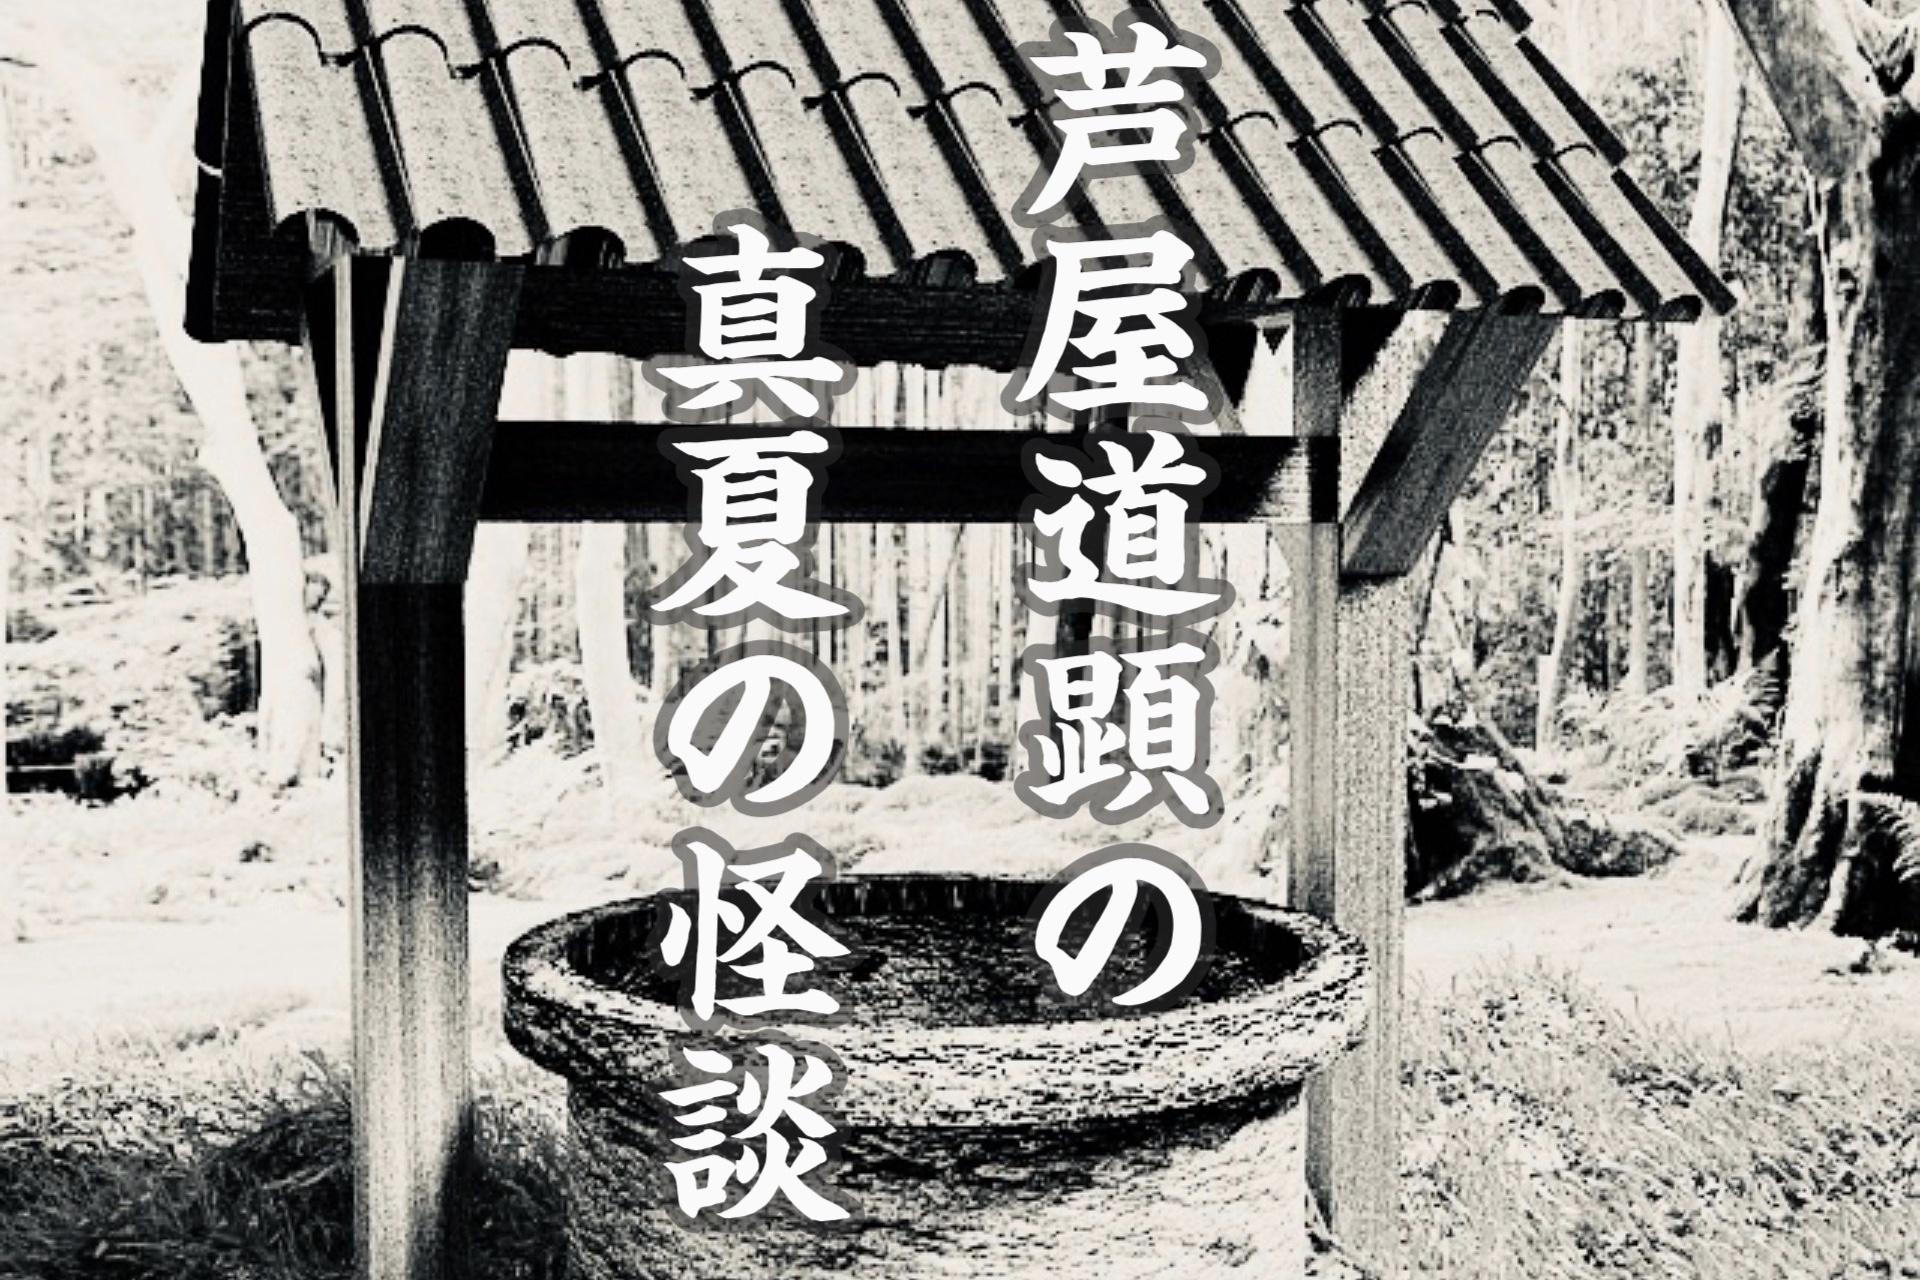 【真夏の怪談】前編:意地悪女と願いの叶う井戸【芦屋道顕】